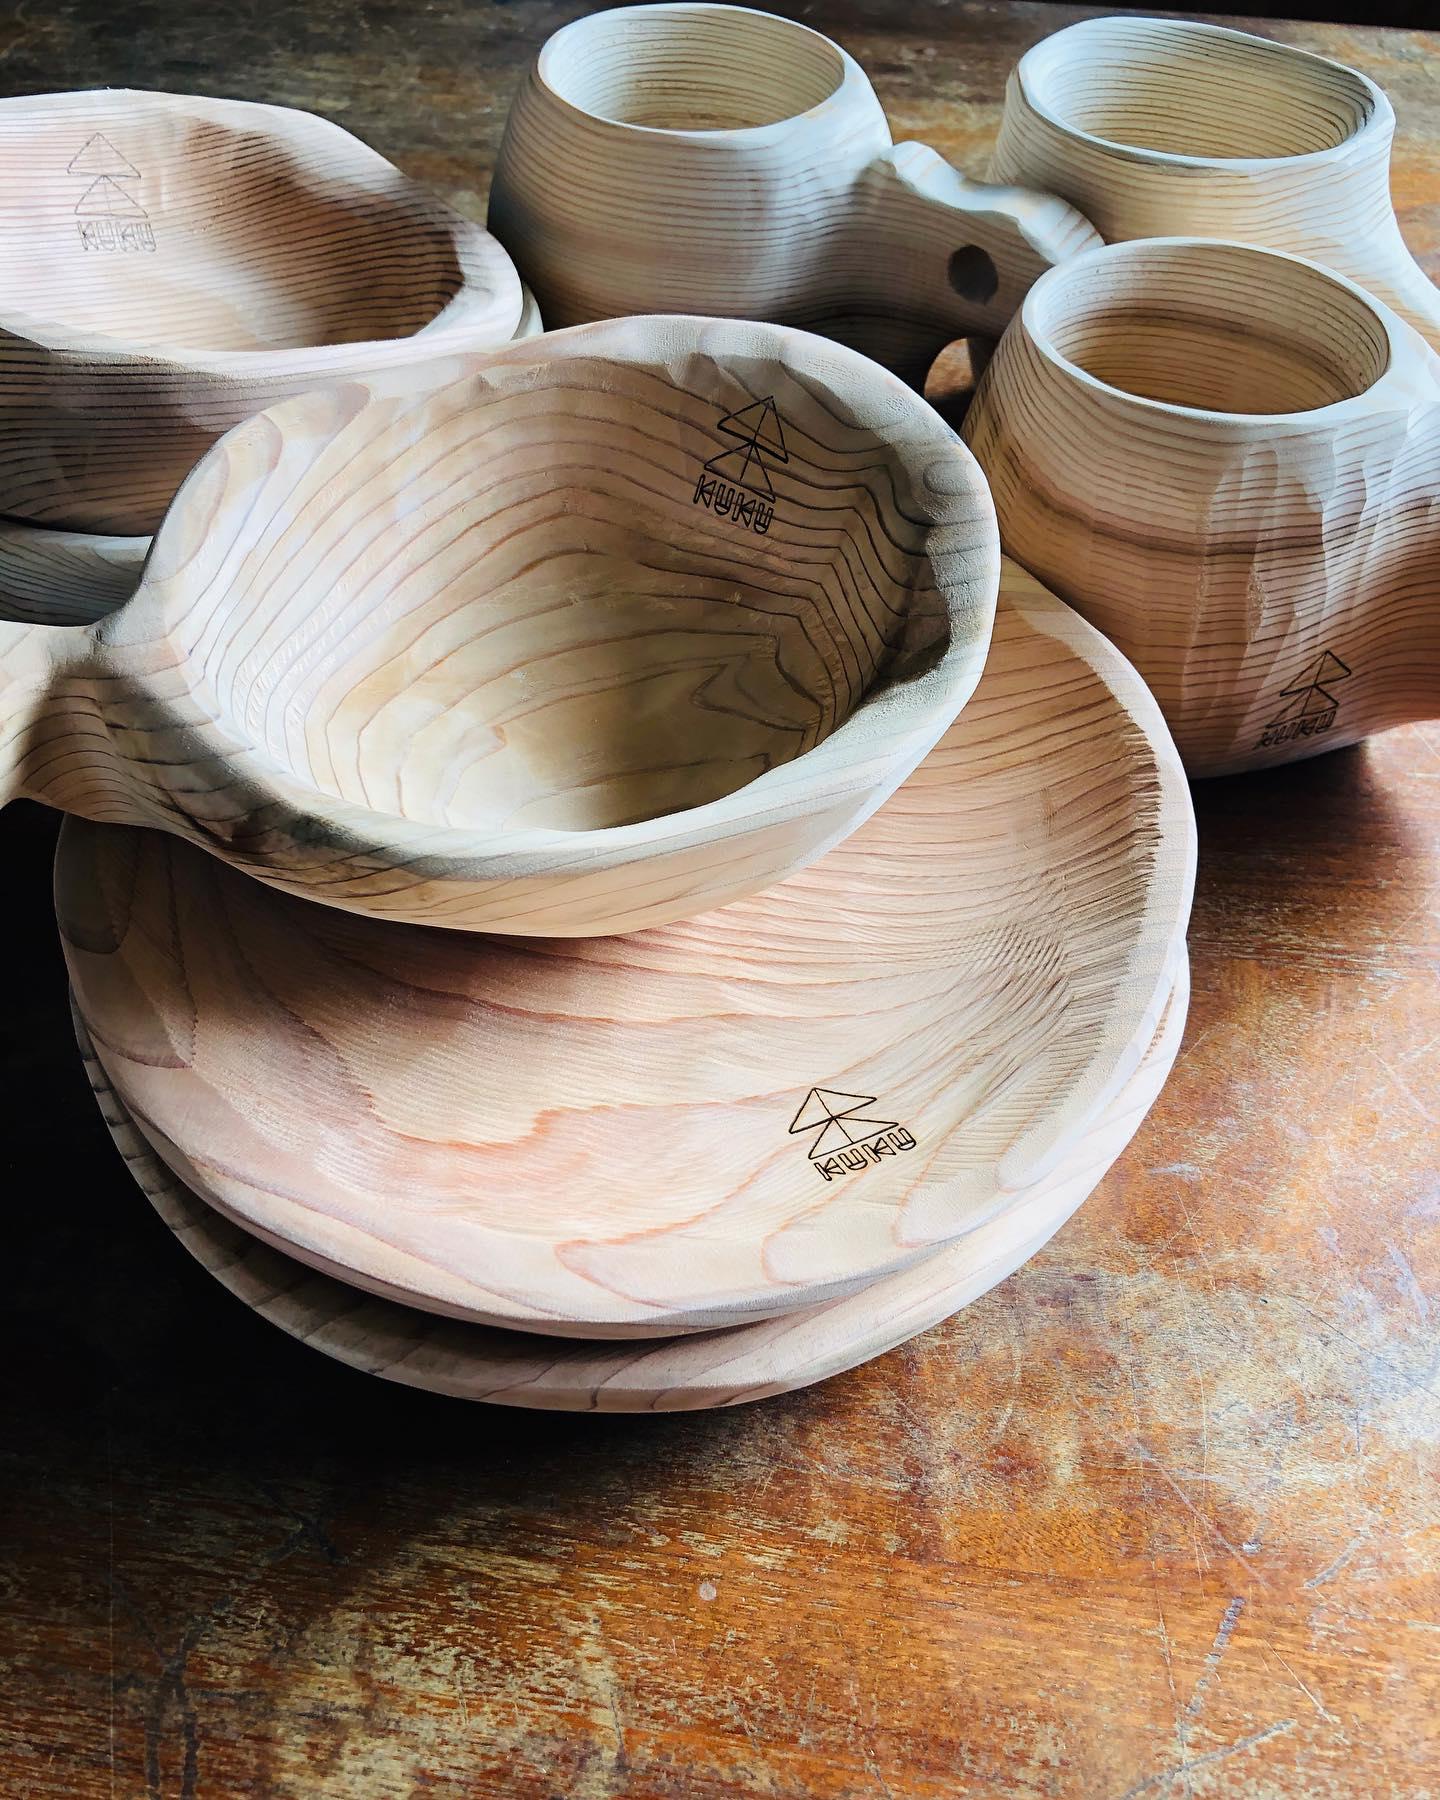 KUKU GOODSNEWデザインの一点物プレートたちにもKUKUロゴが入りました。#woodboardkuku#woodcup #woodplate #bbq #camp#ソロキャンプ #手彫り#ハンドメイド#木製プレート #木製食器 @nakawood